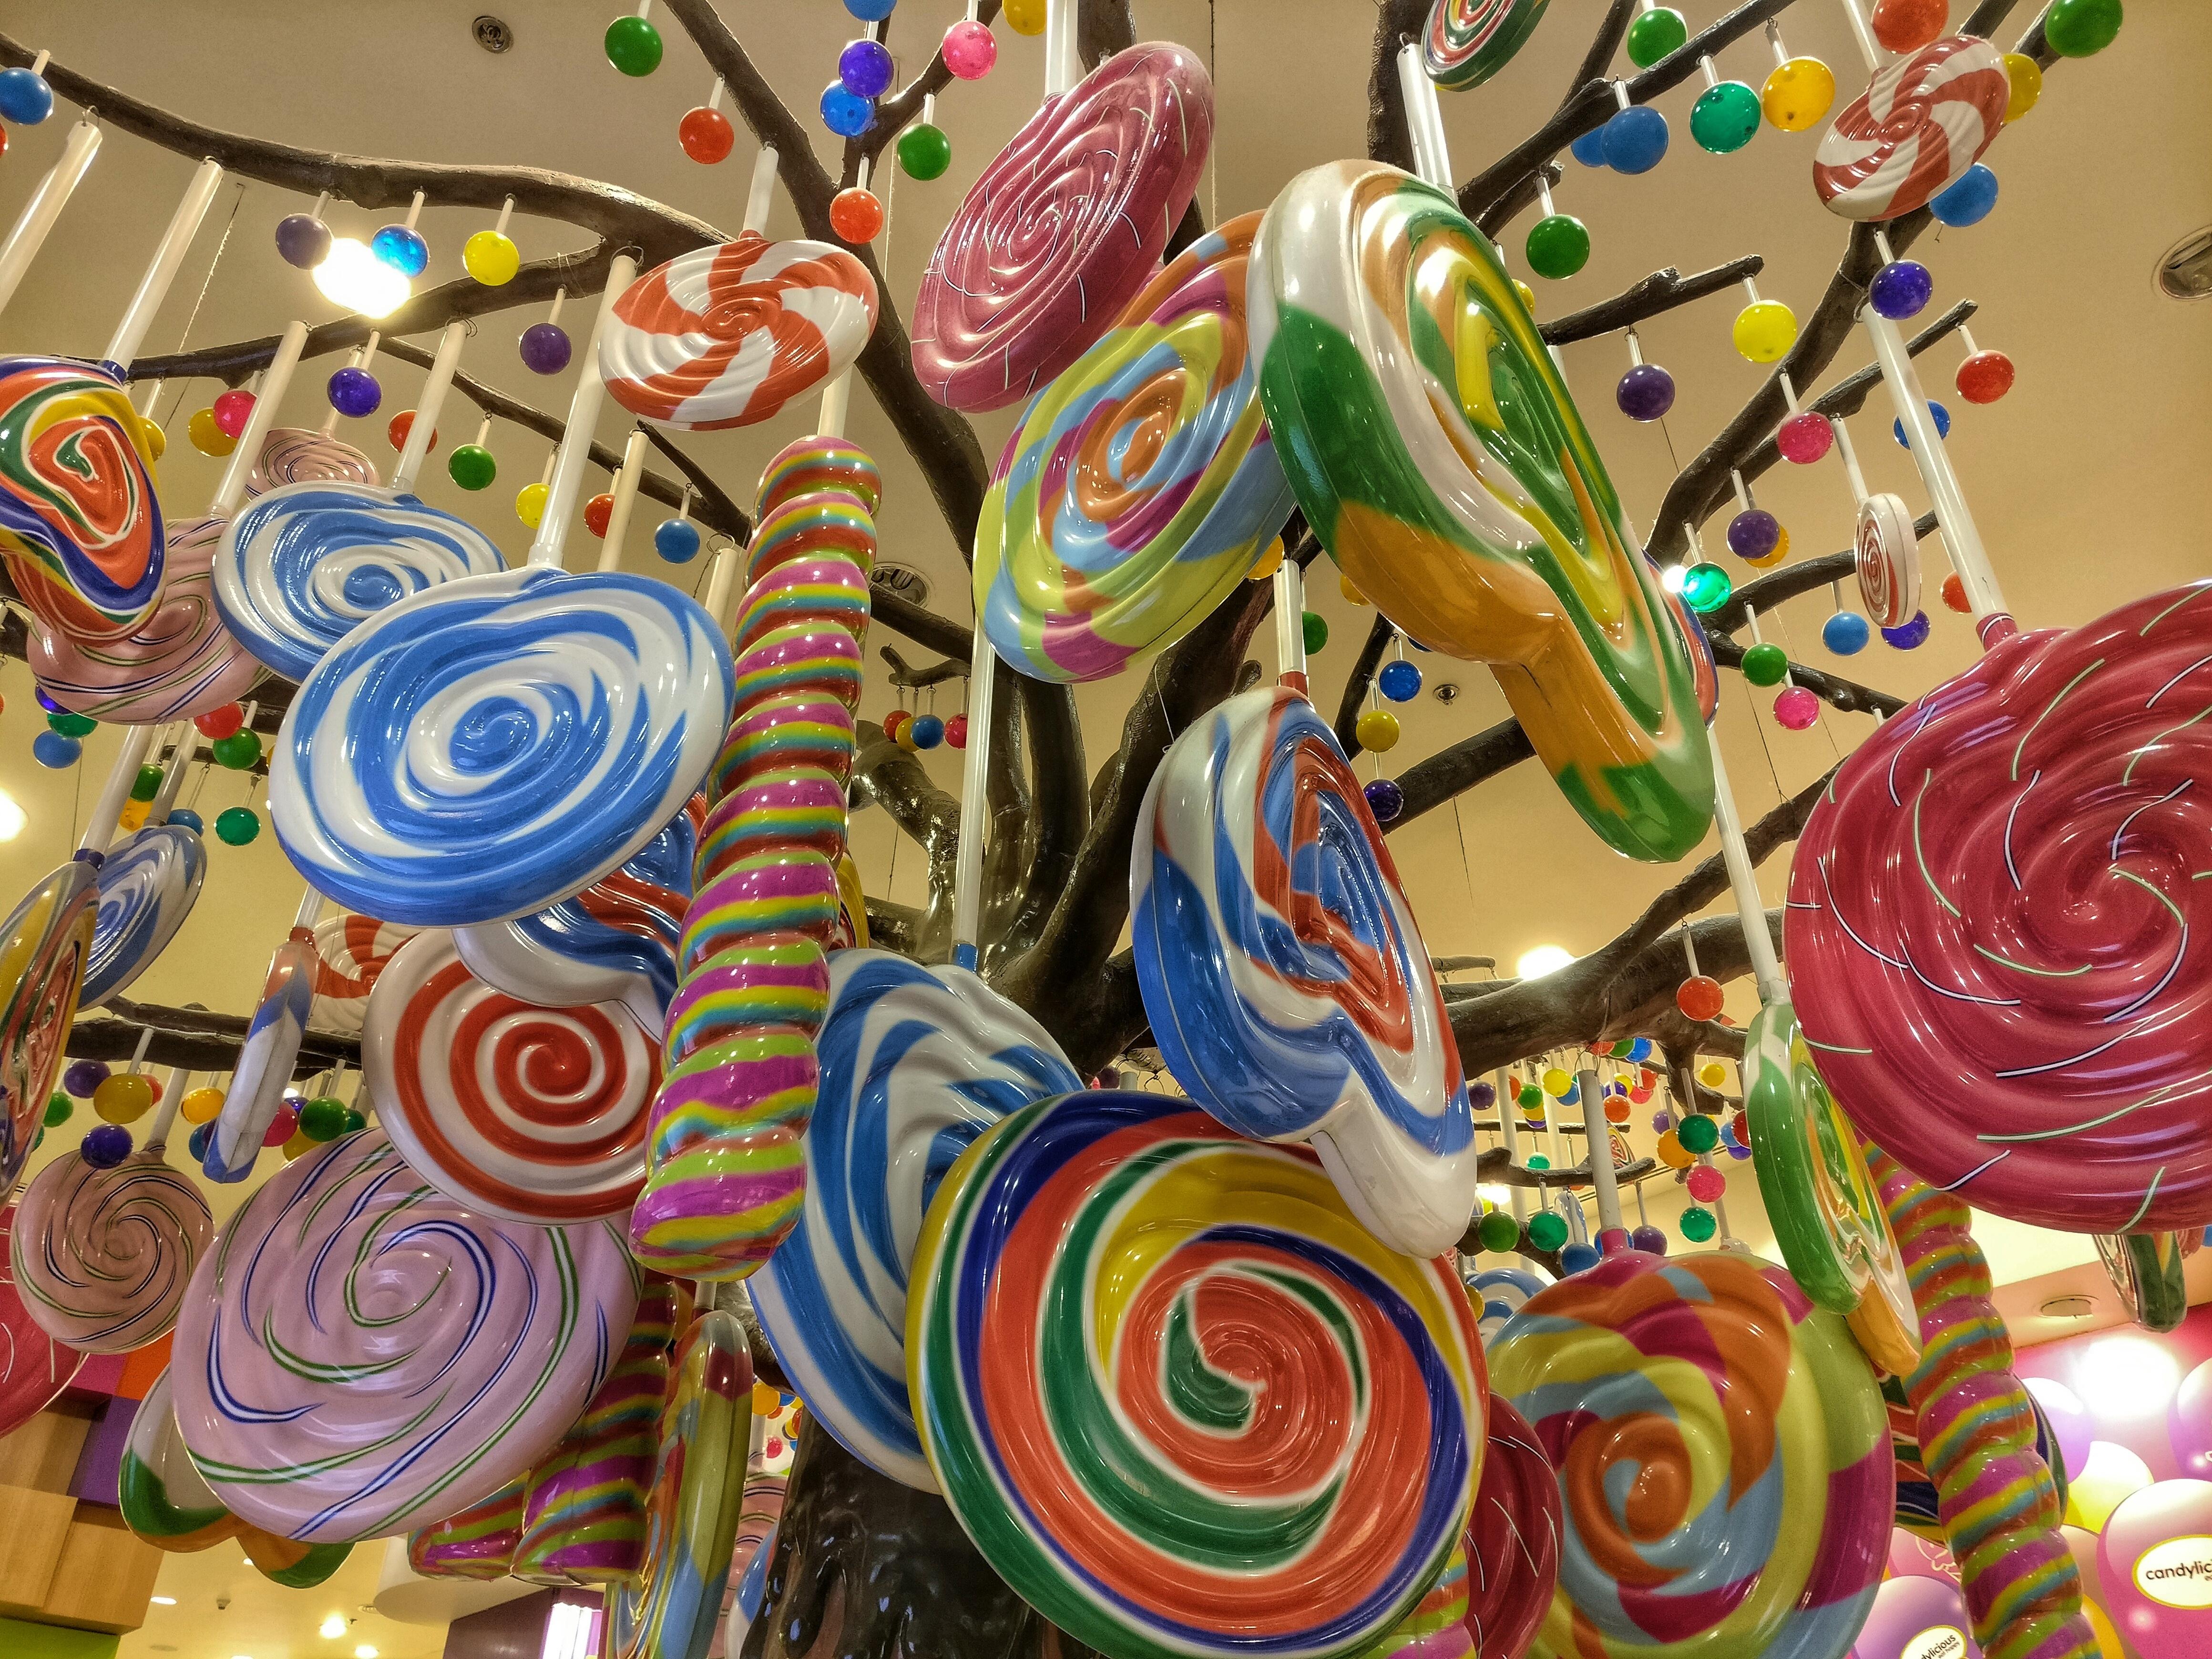 Super Images Gratuites : aliments, Couleur, dessert, sucette, bonbons  TQ19